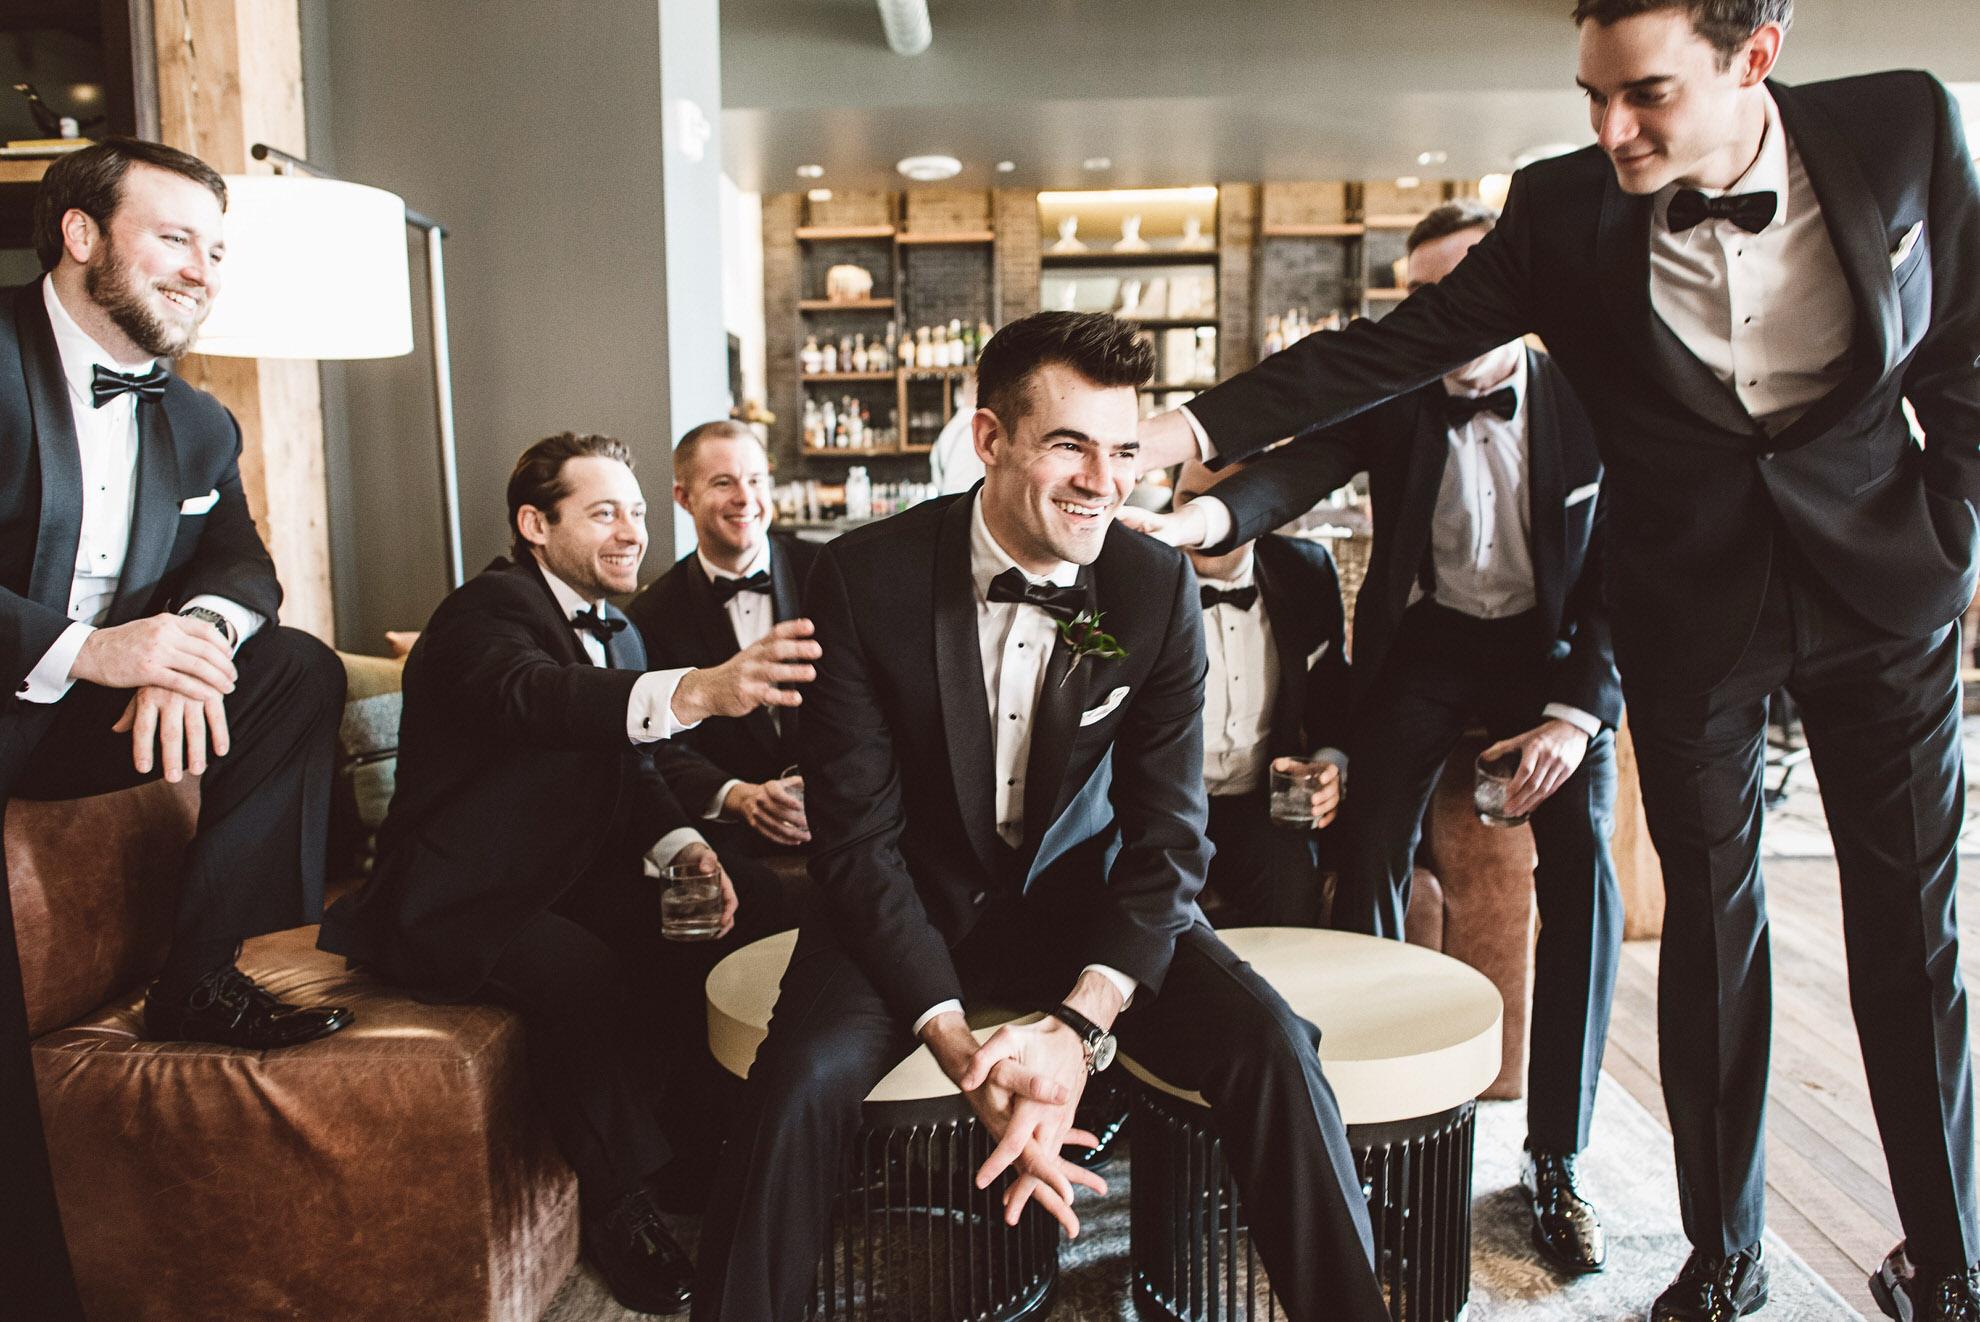 erika_Alex_wedding_by_lucas_botz_photography_0159.jpg